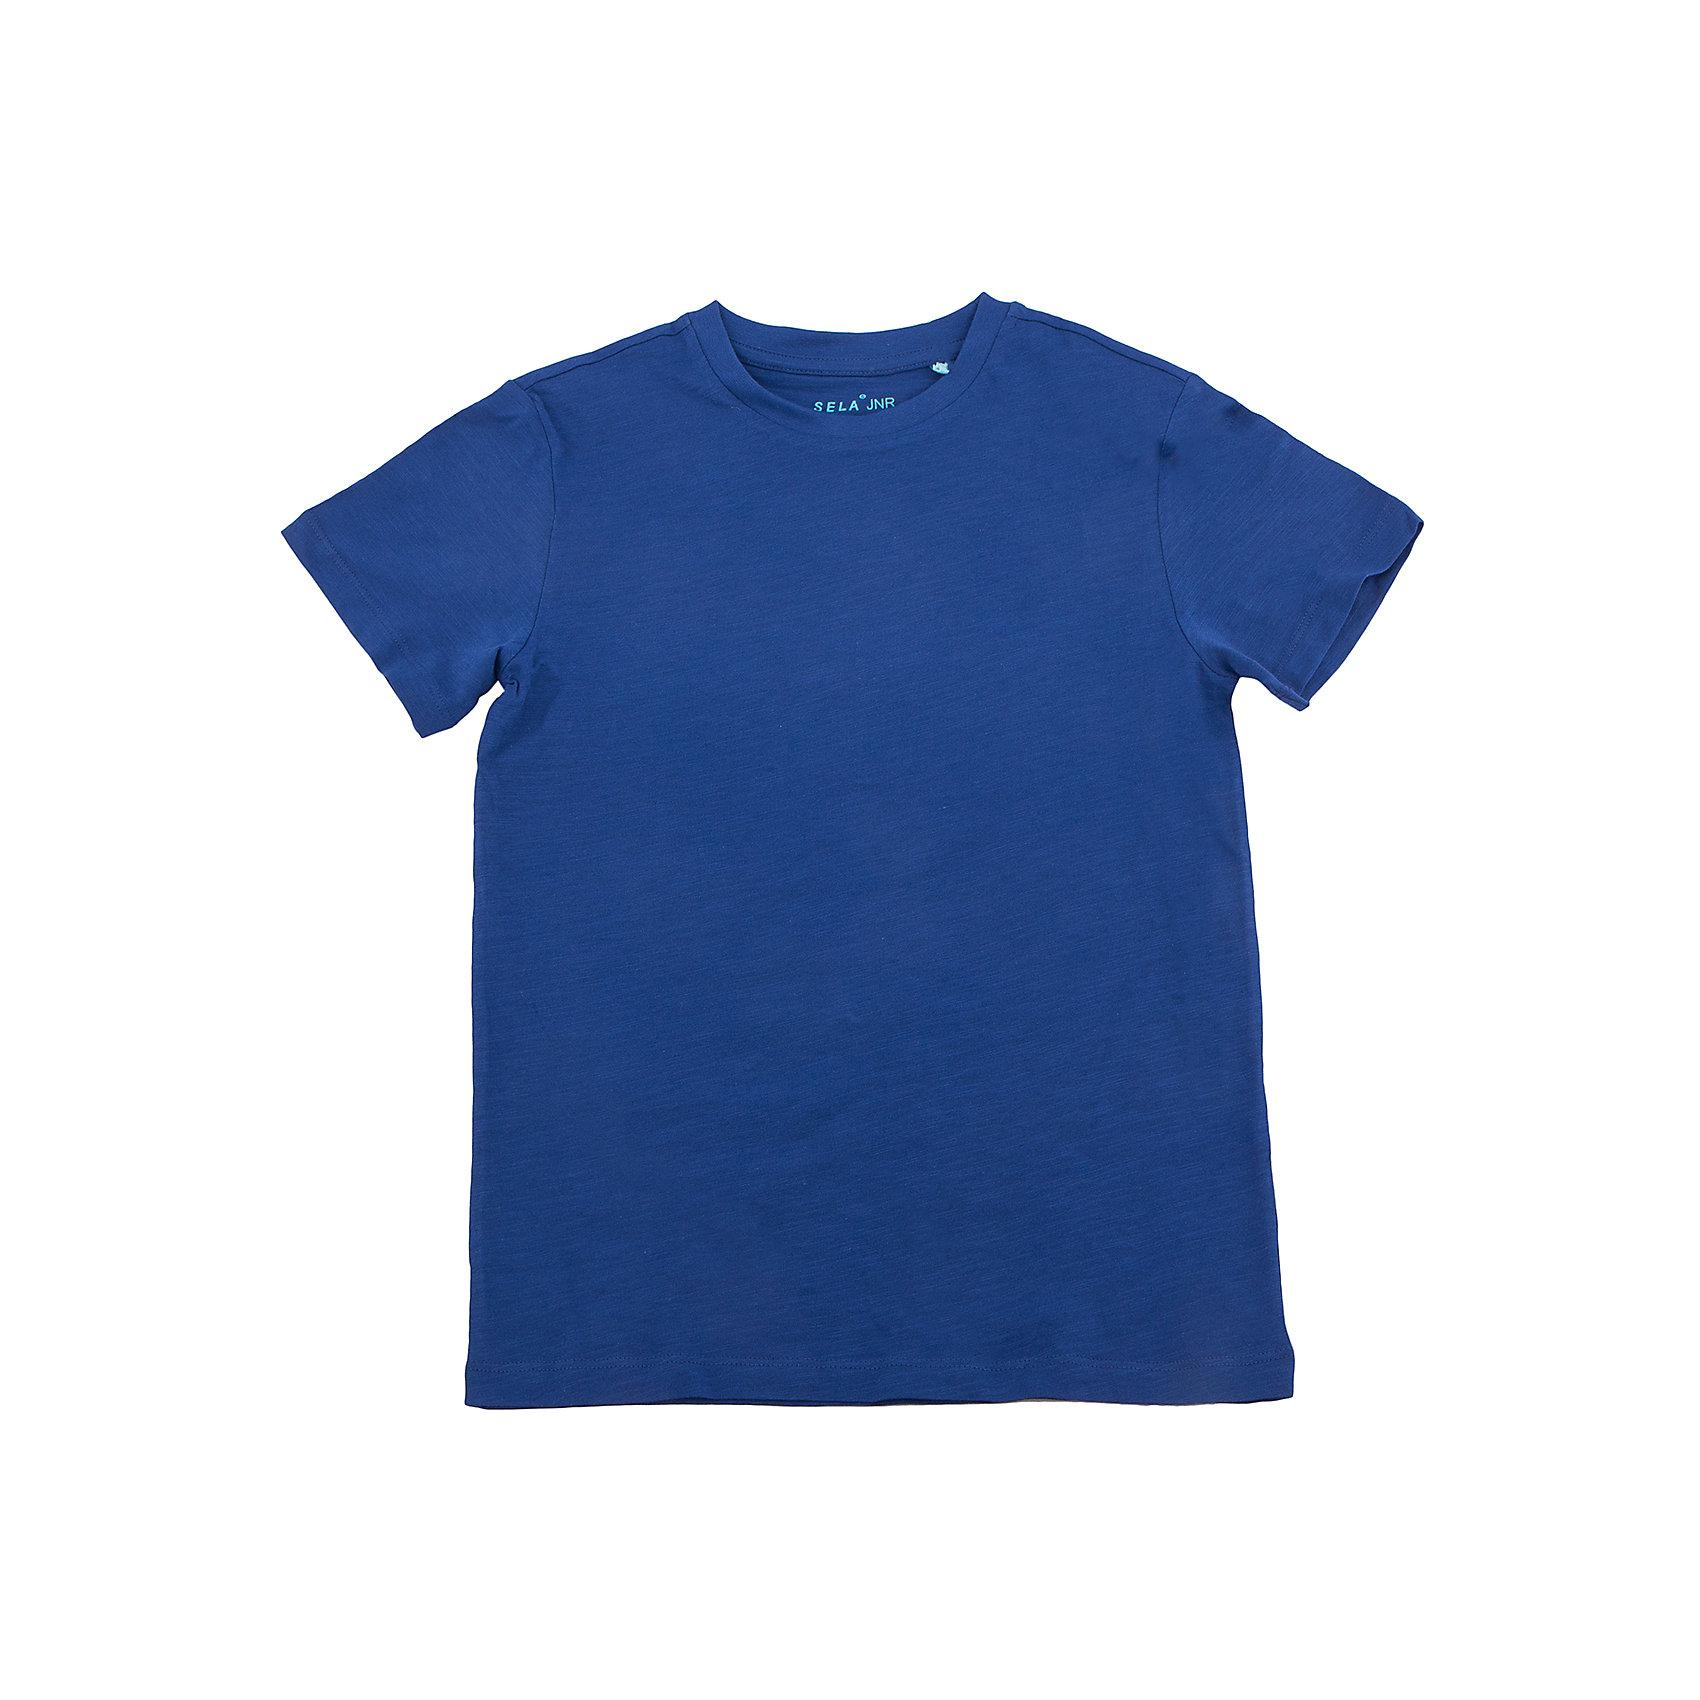 Футболка  для мальчика SELAФутболки, поло и топы<br>Футболка  для мальчика от известного бренда SELA<br>Состав:<br>100% хлопок<br><br>Ширина мм: 230<br>Глубина мм: 40<br>Высота мм: 220<br>Вес г: 250<br>Цвет: синий<br>Возраст от месяцев: 96<br>Возраст до месяцев: 108<br>Пол: Мужской<br>Возраст: Детский<br>Размер: 134,140,146,152,122,128<br>SKU: 5304388